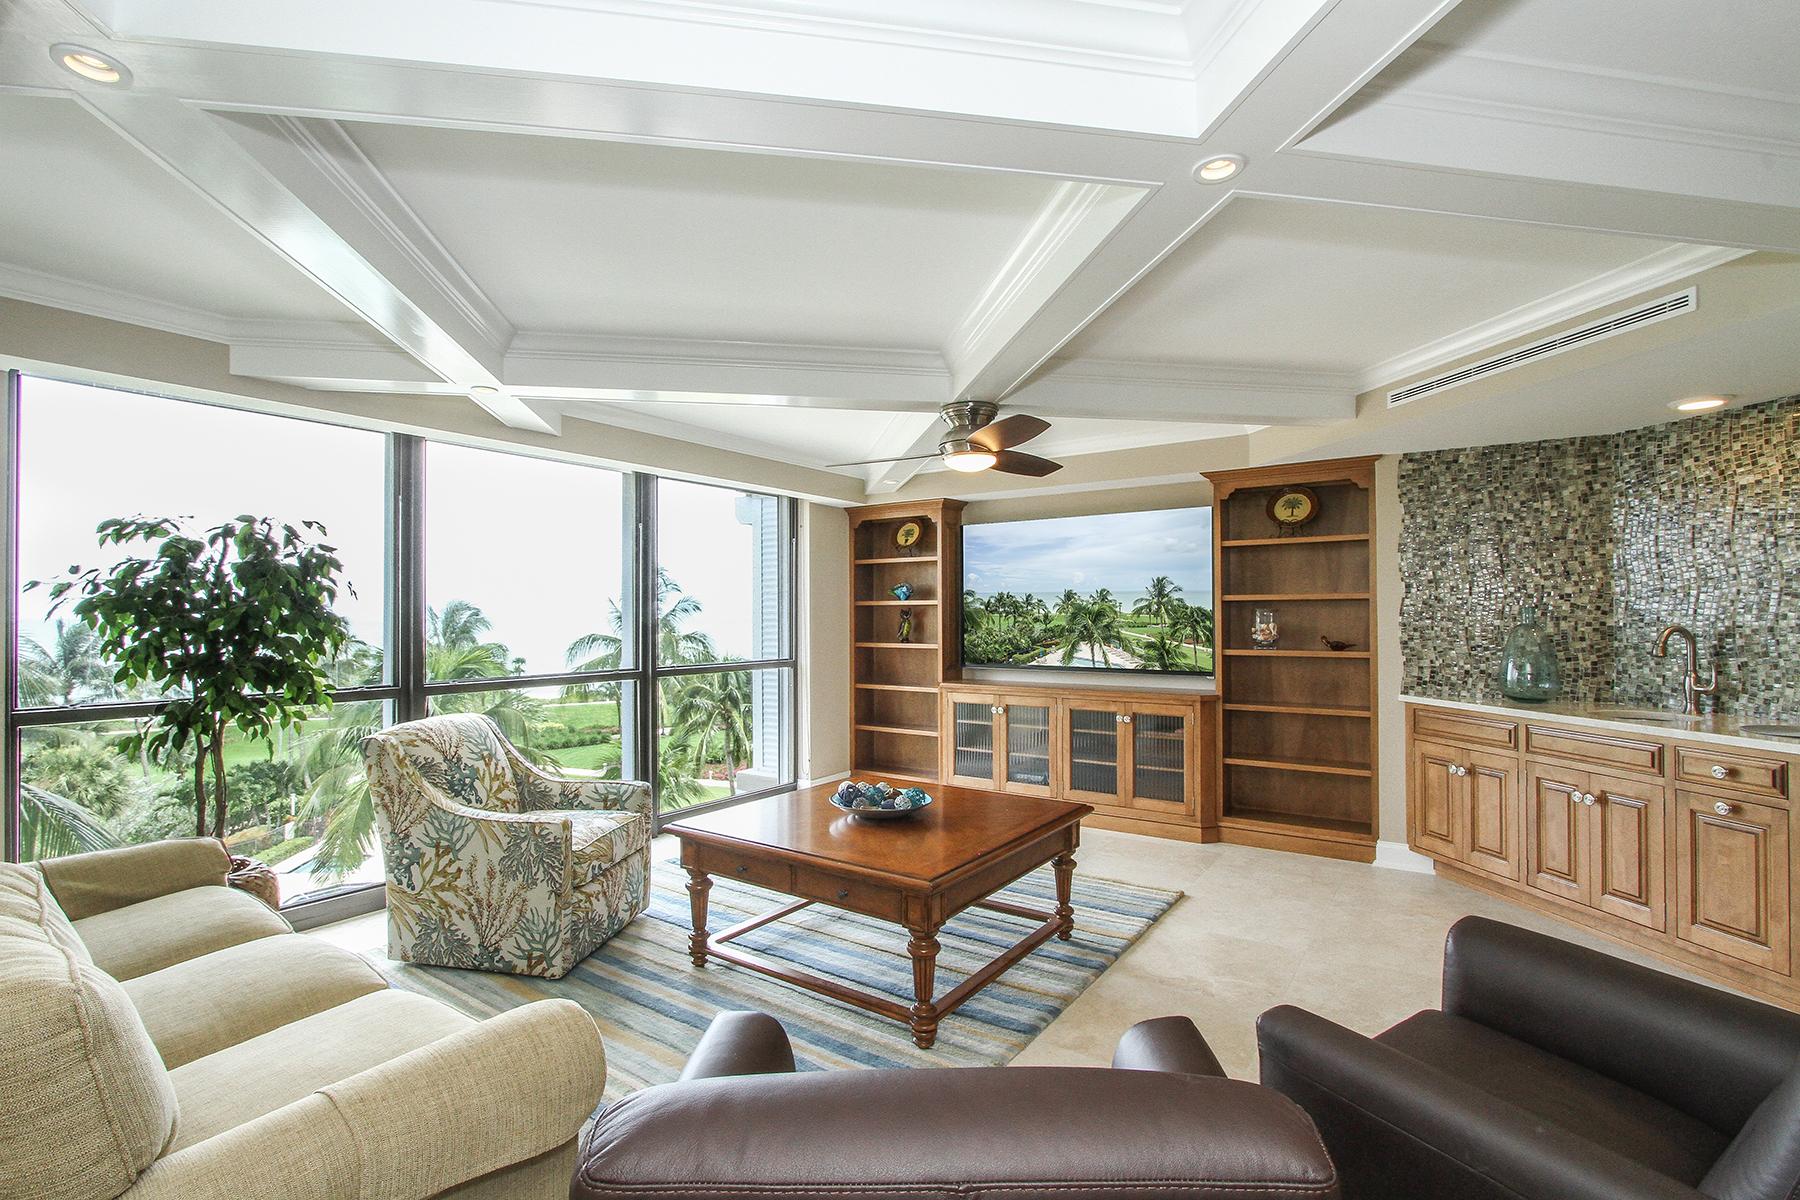 共管式独立产权公寓 为 出租 在 PARK SHORE - MONACO BEACH CLUB 4401 Gulf Shore Blvd N B-503 那不勒斯, 佛罗里达州 34103 美国